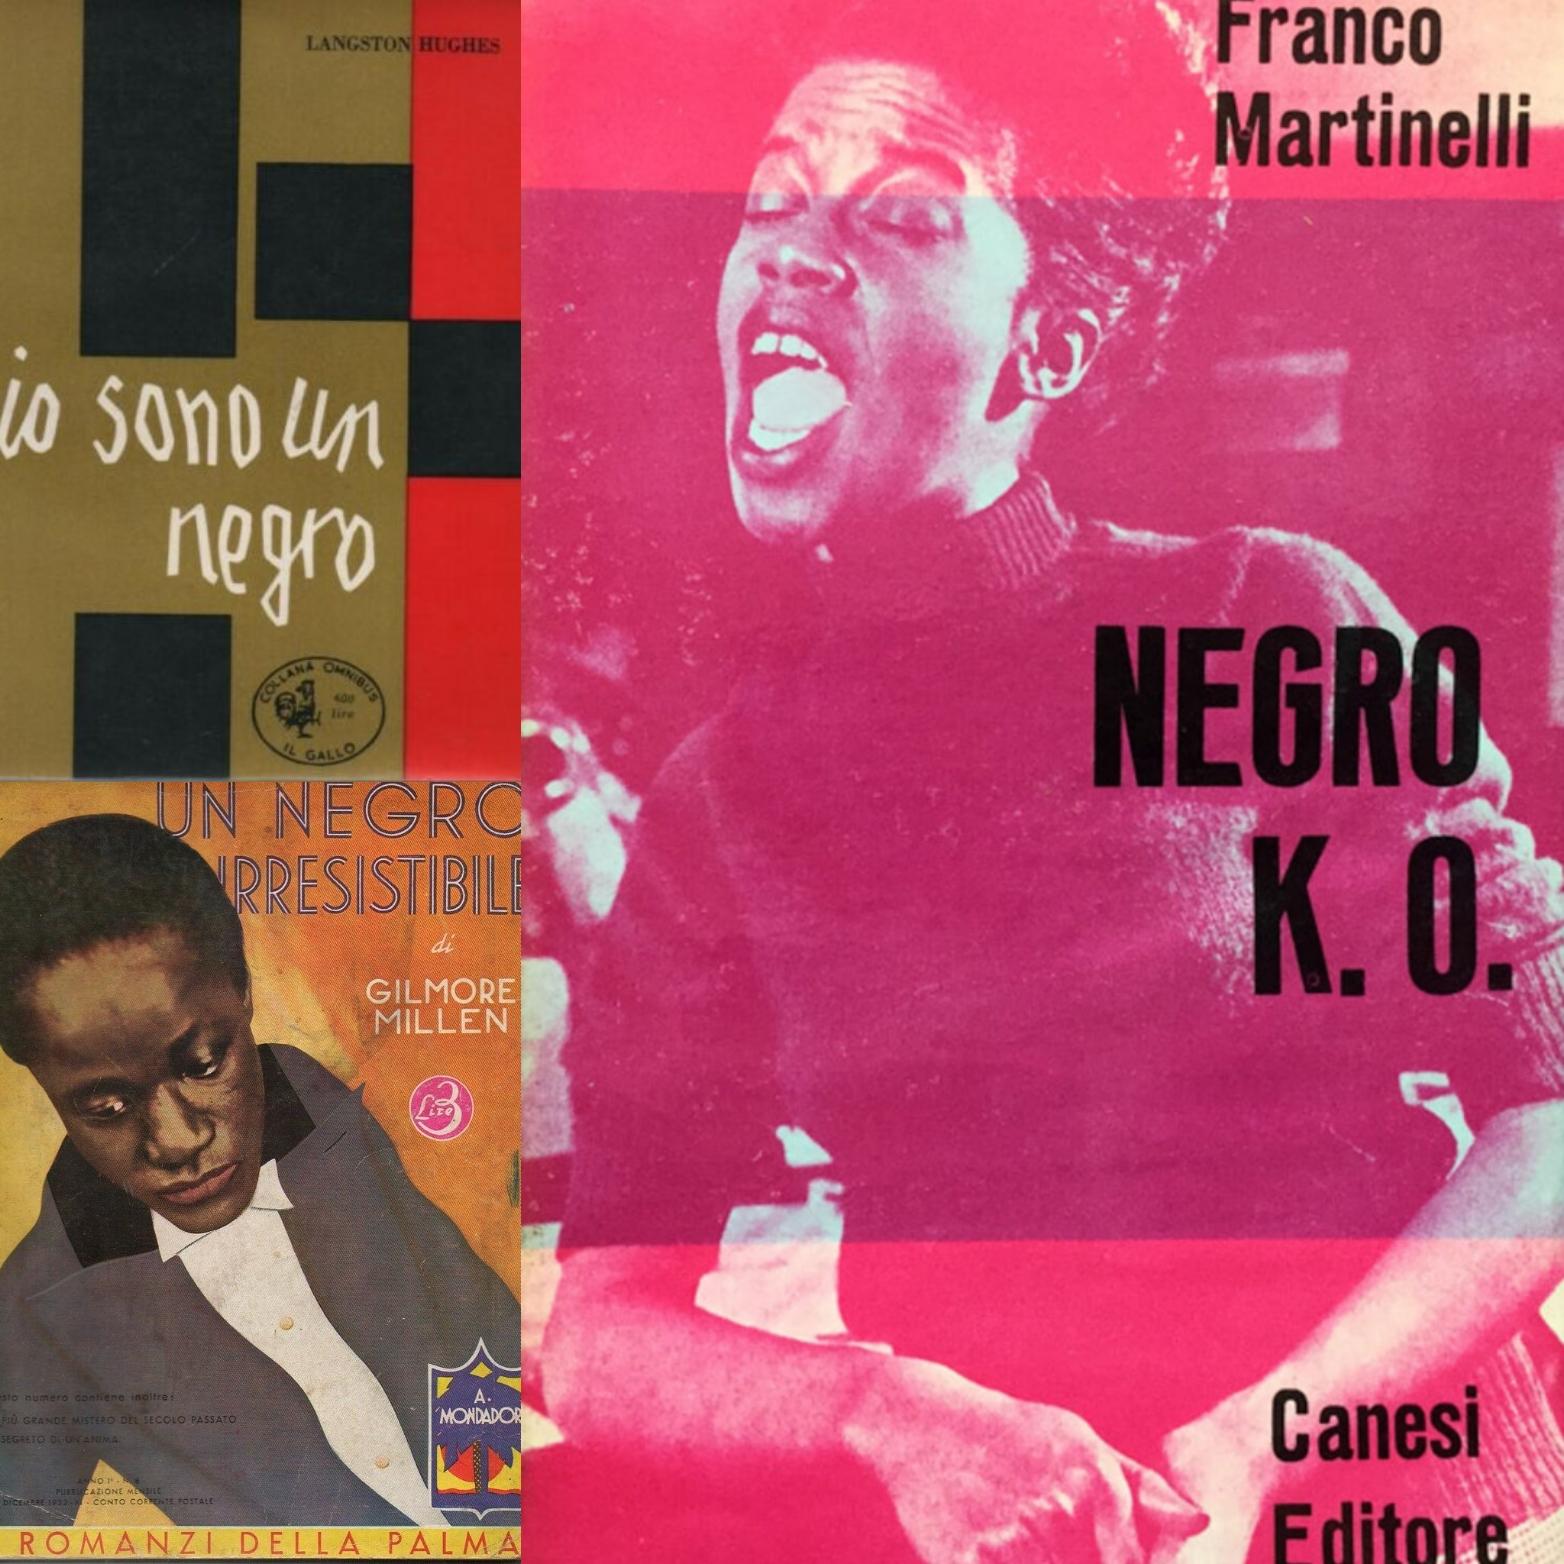 Davvero non si può più scrivere la parola 'negro' nei titoli dei libri?